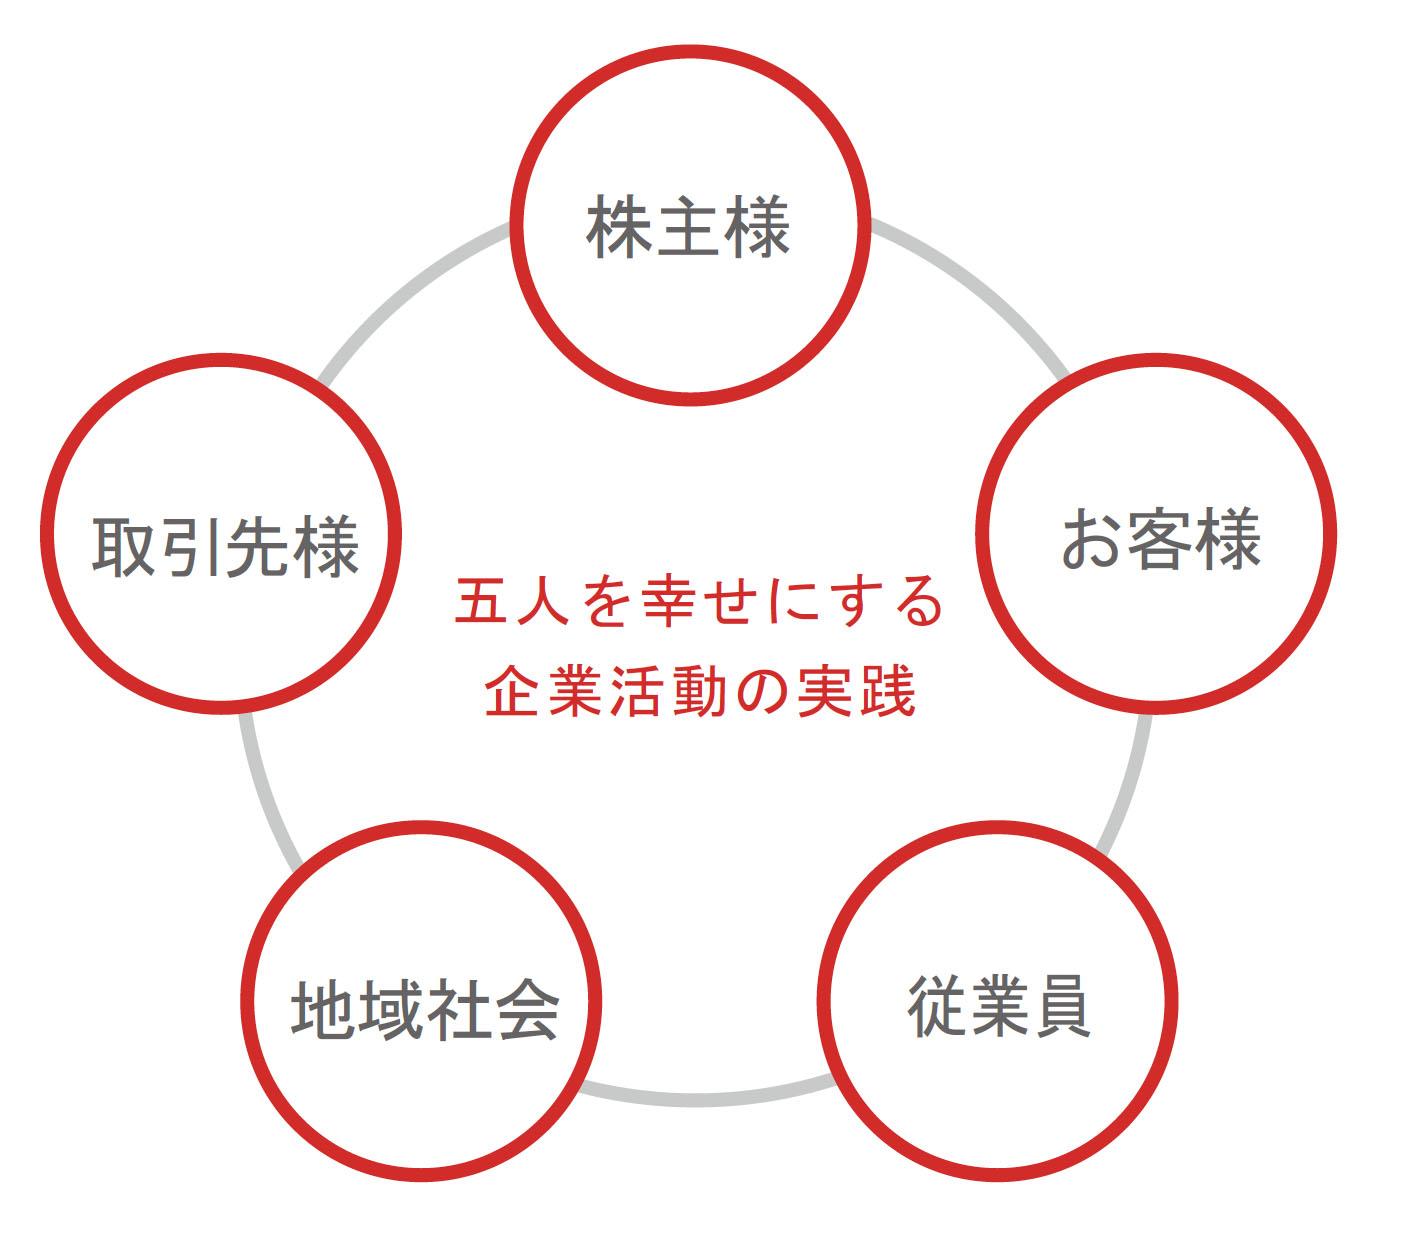 CSRの基本的な考え方 | CSR(企業の社会的責任の取組み) | 株式会社トーホー